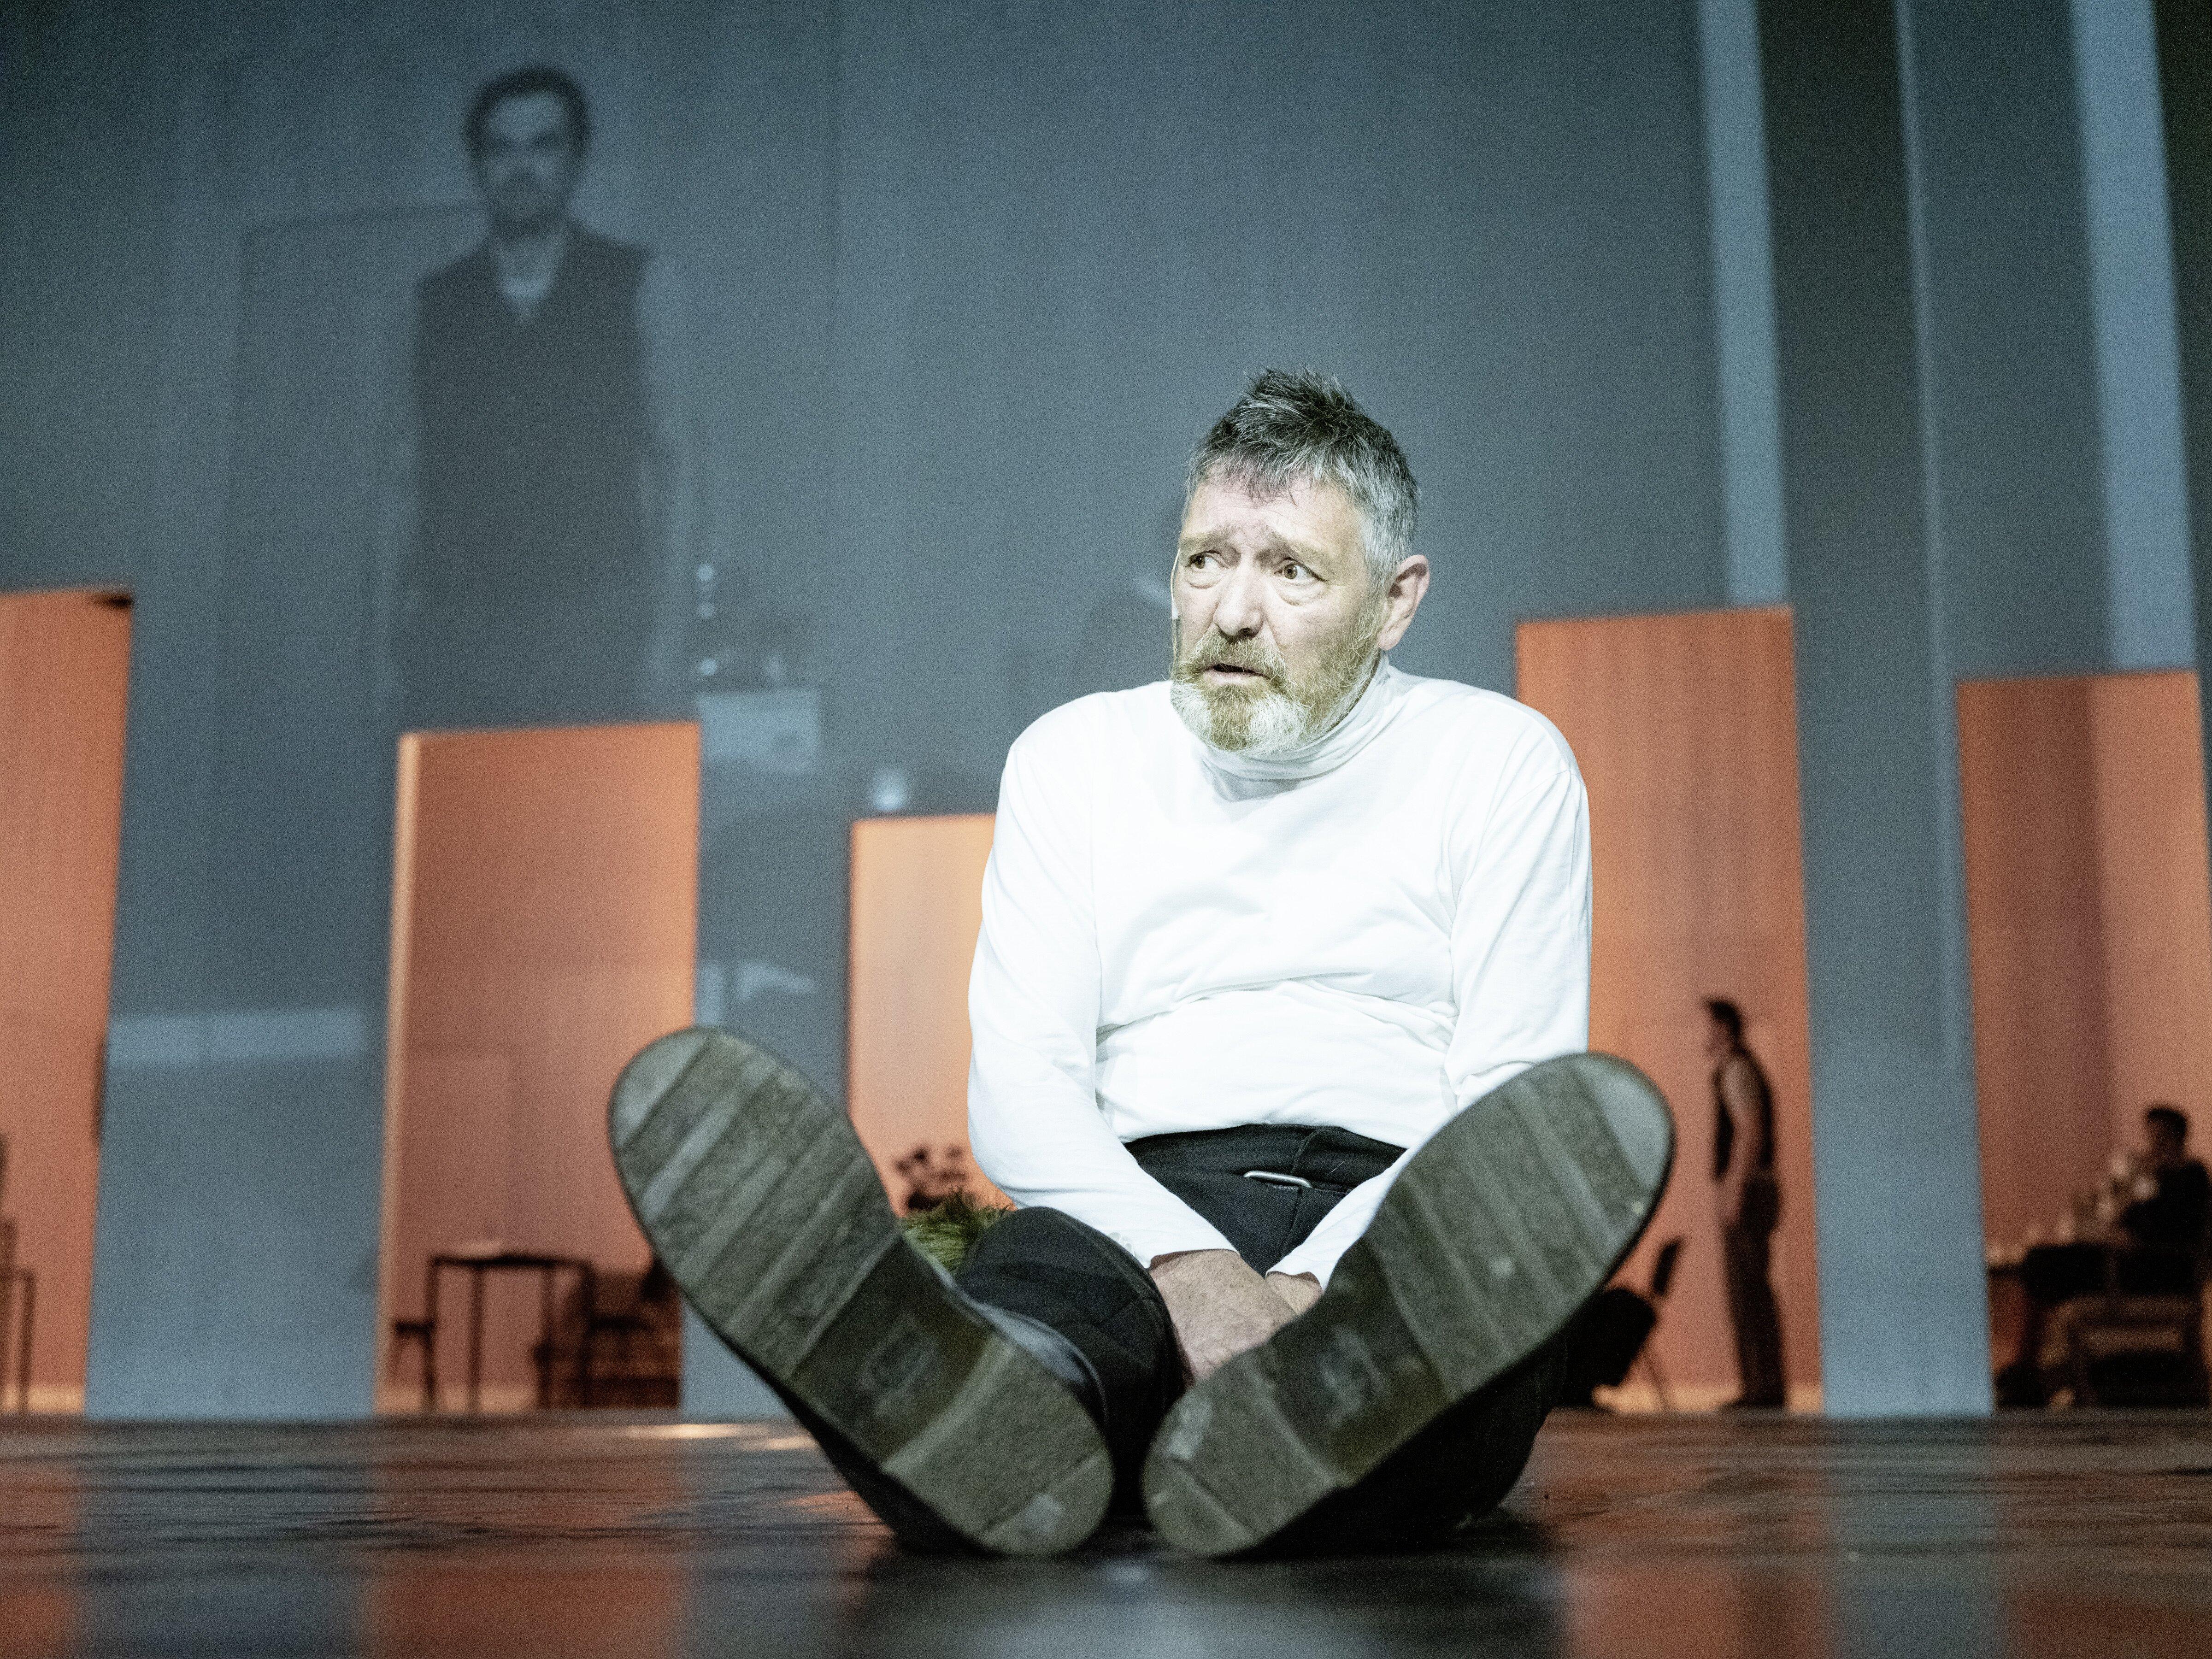 'In zijn handen is Lear een kunstwerk' - Johan Simons over Pierre Bokma